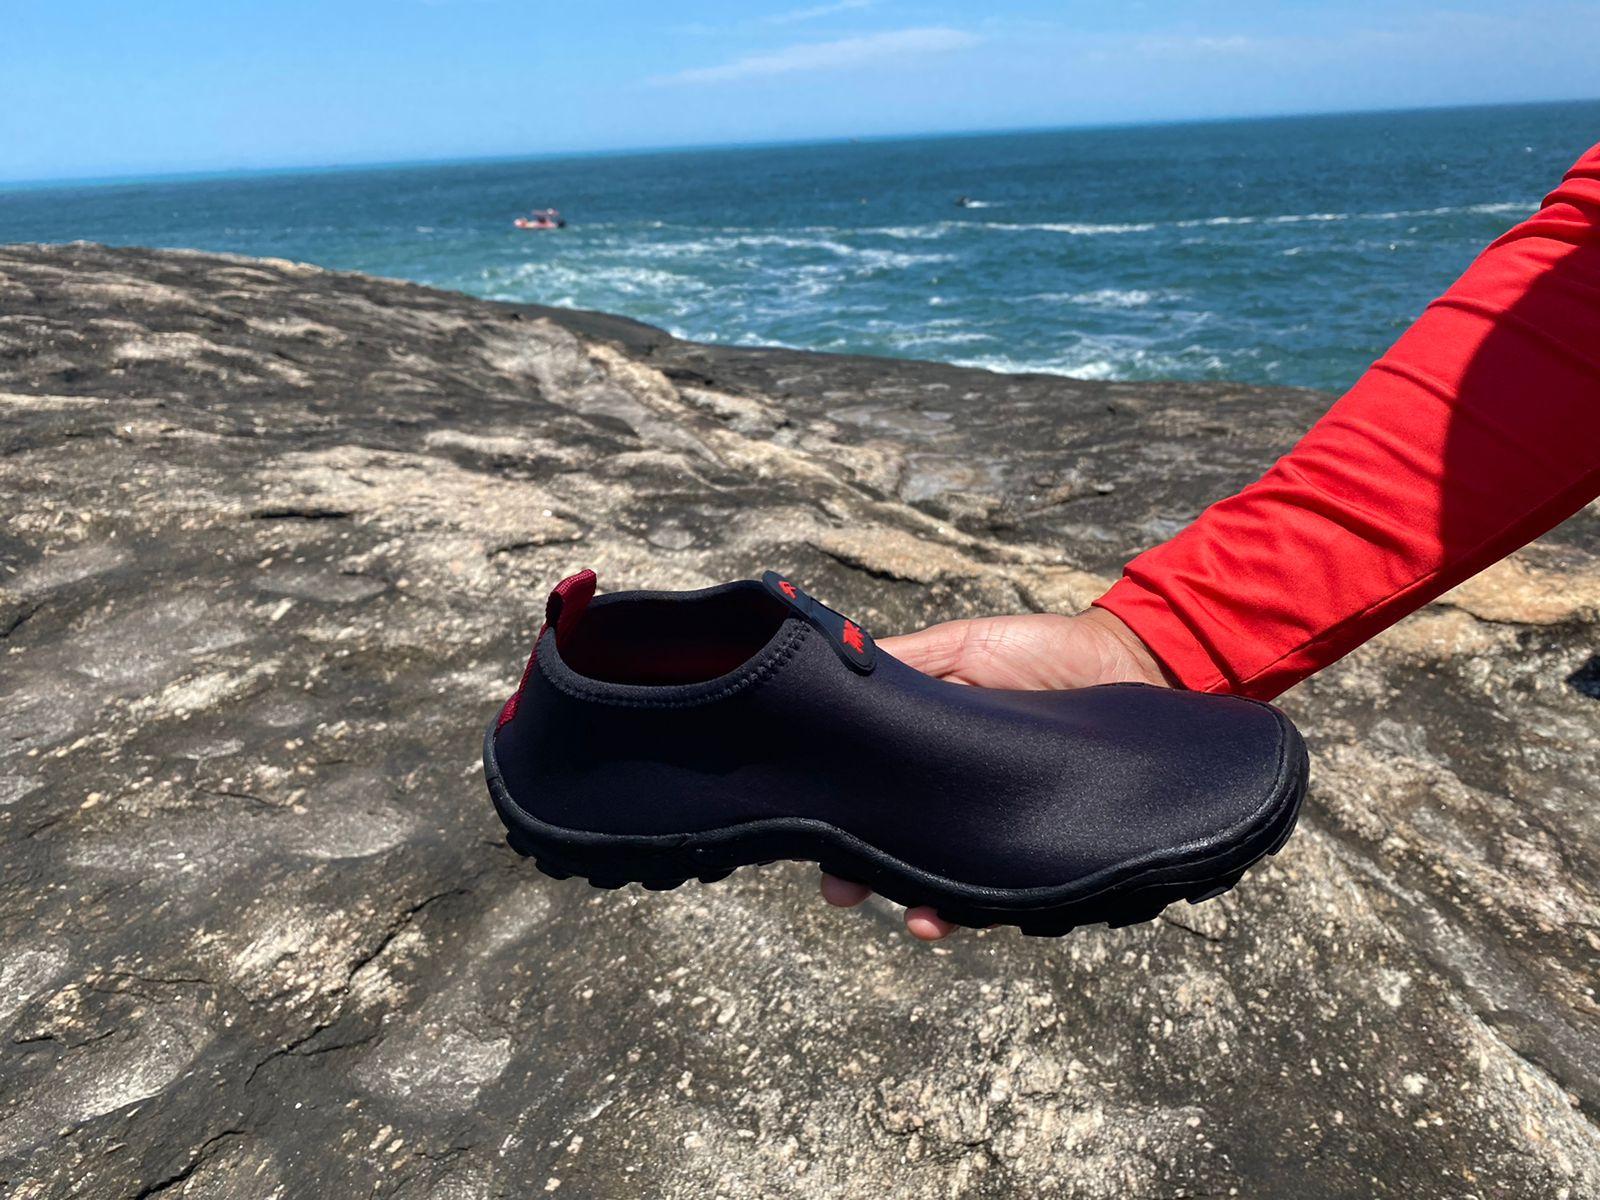 Sapato do militar da Marinha desaparecido em Niterói